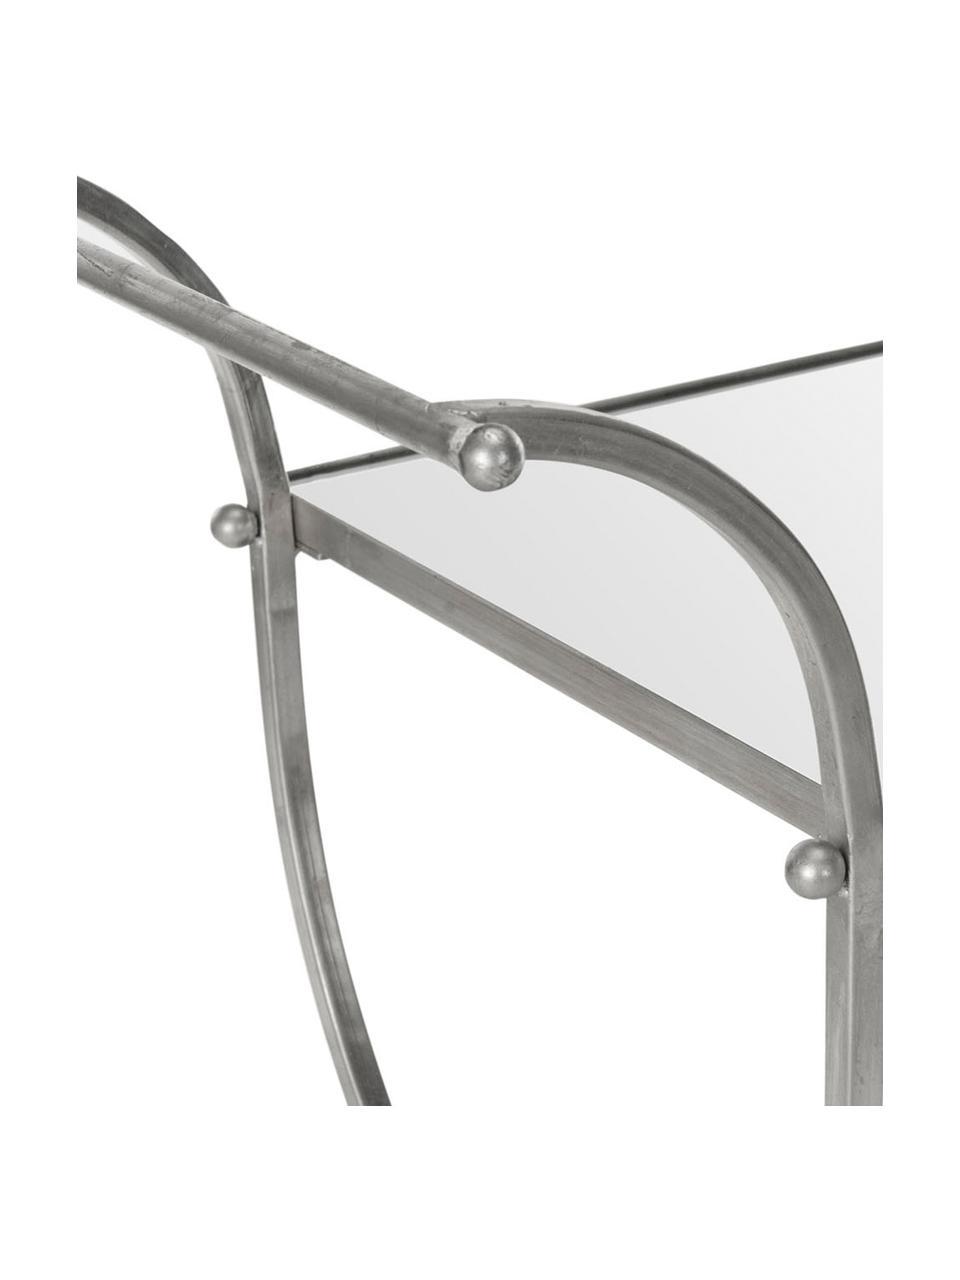 Wózek barowy Porter, Stelaż: żeliwo, Odcienie srebrnego, 85 x 98 cm